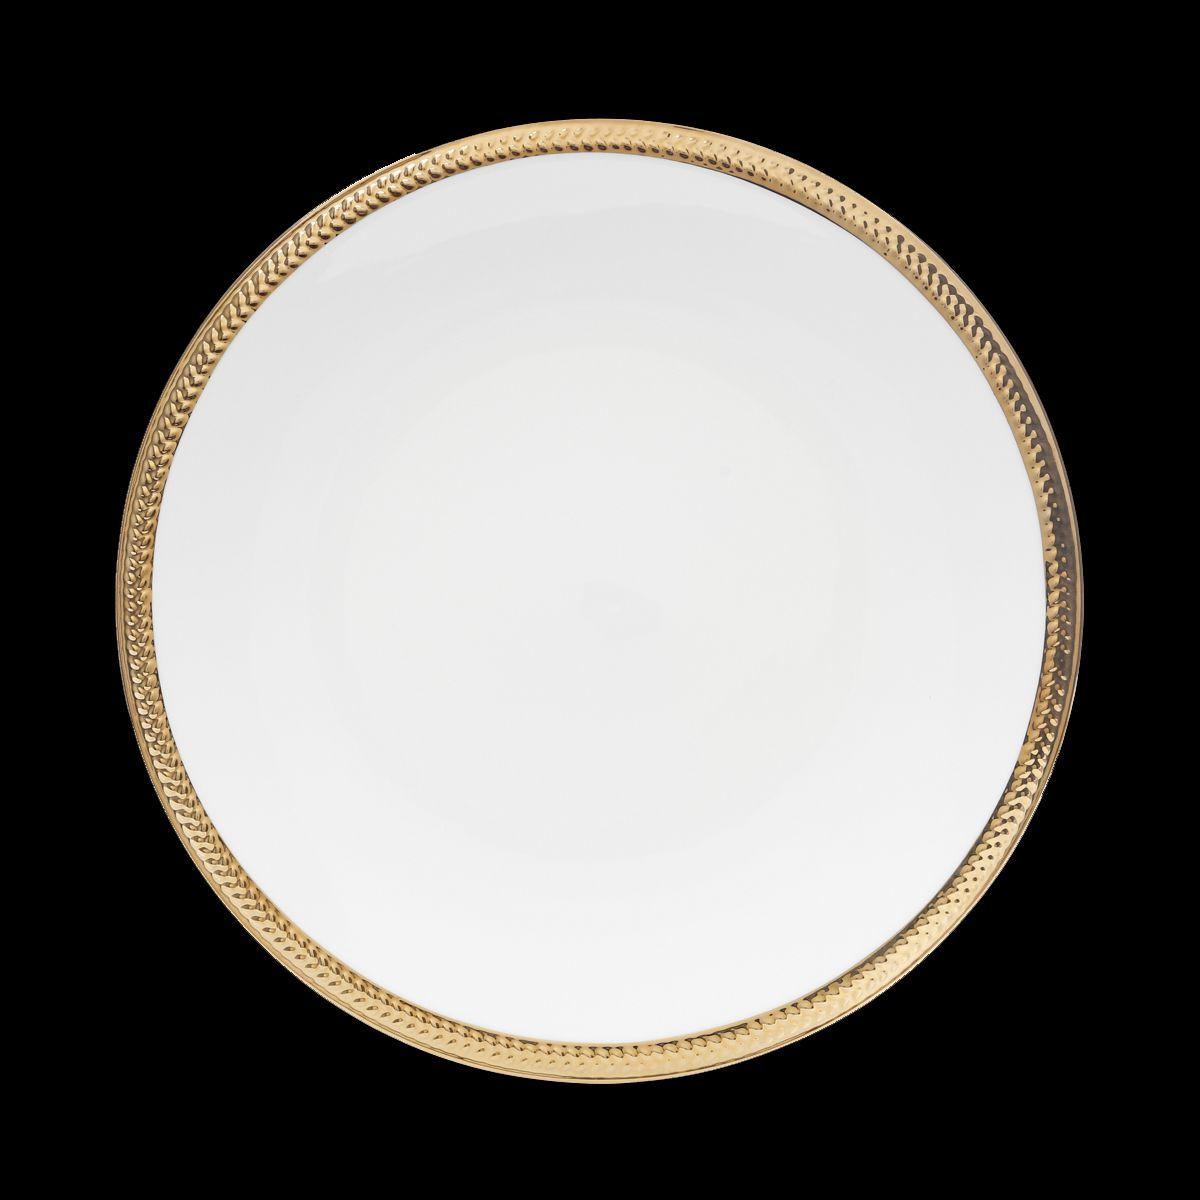 Jogo 6 pratos rasos 27 cm de porcelana branca e dourado Paddy Wolff - 25109